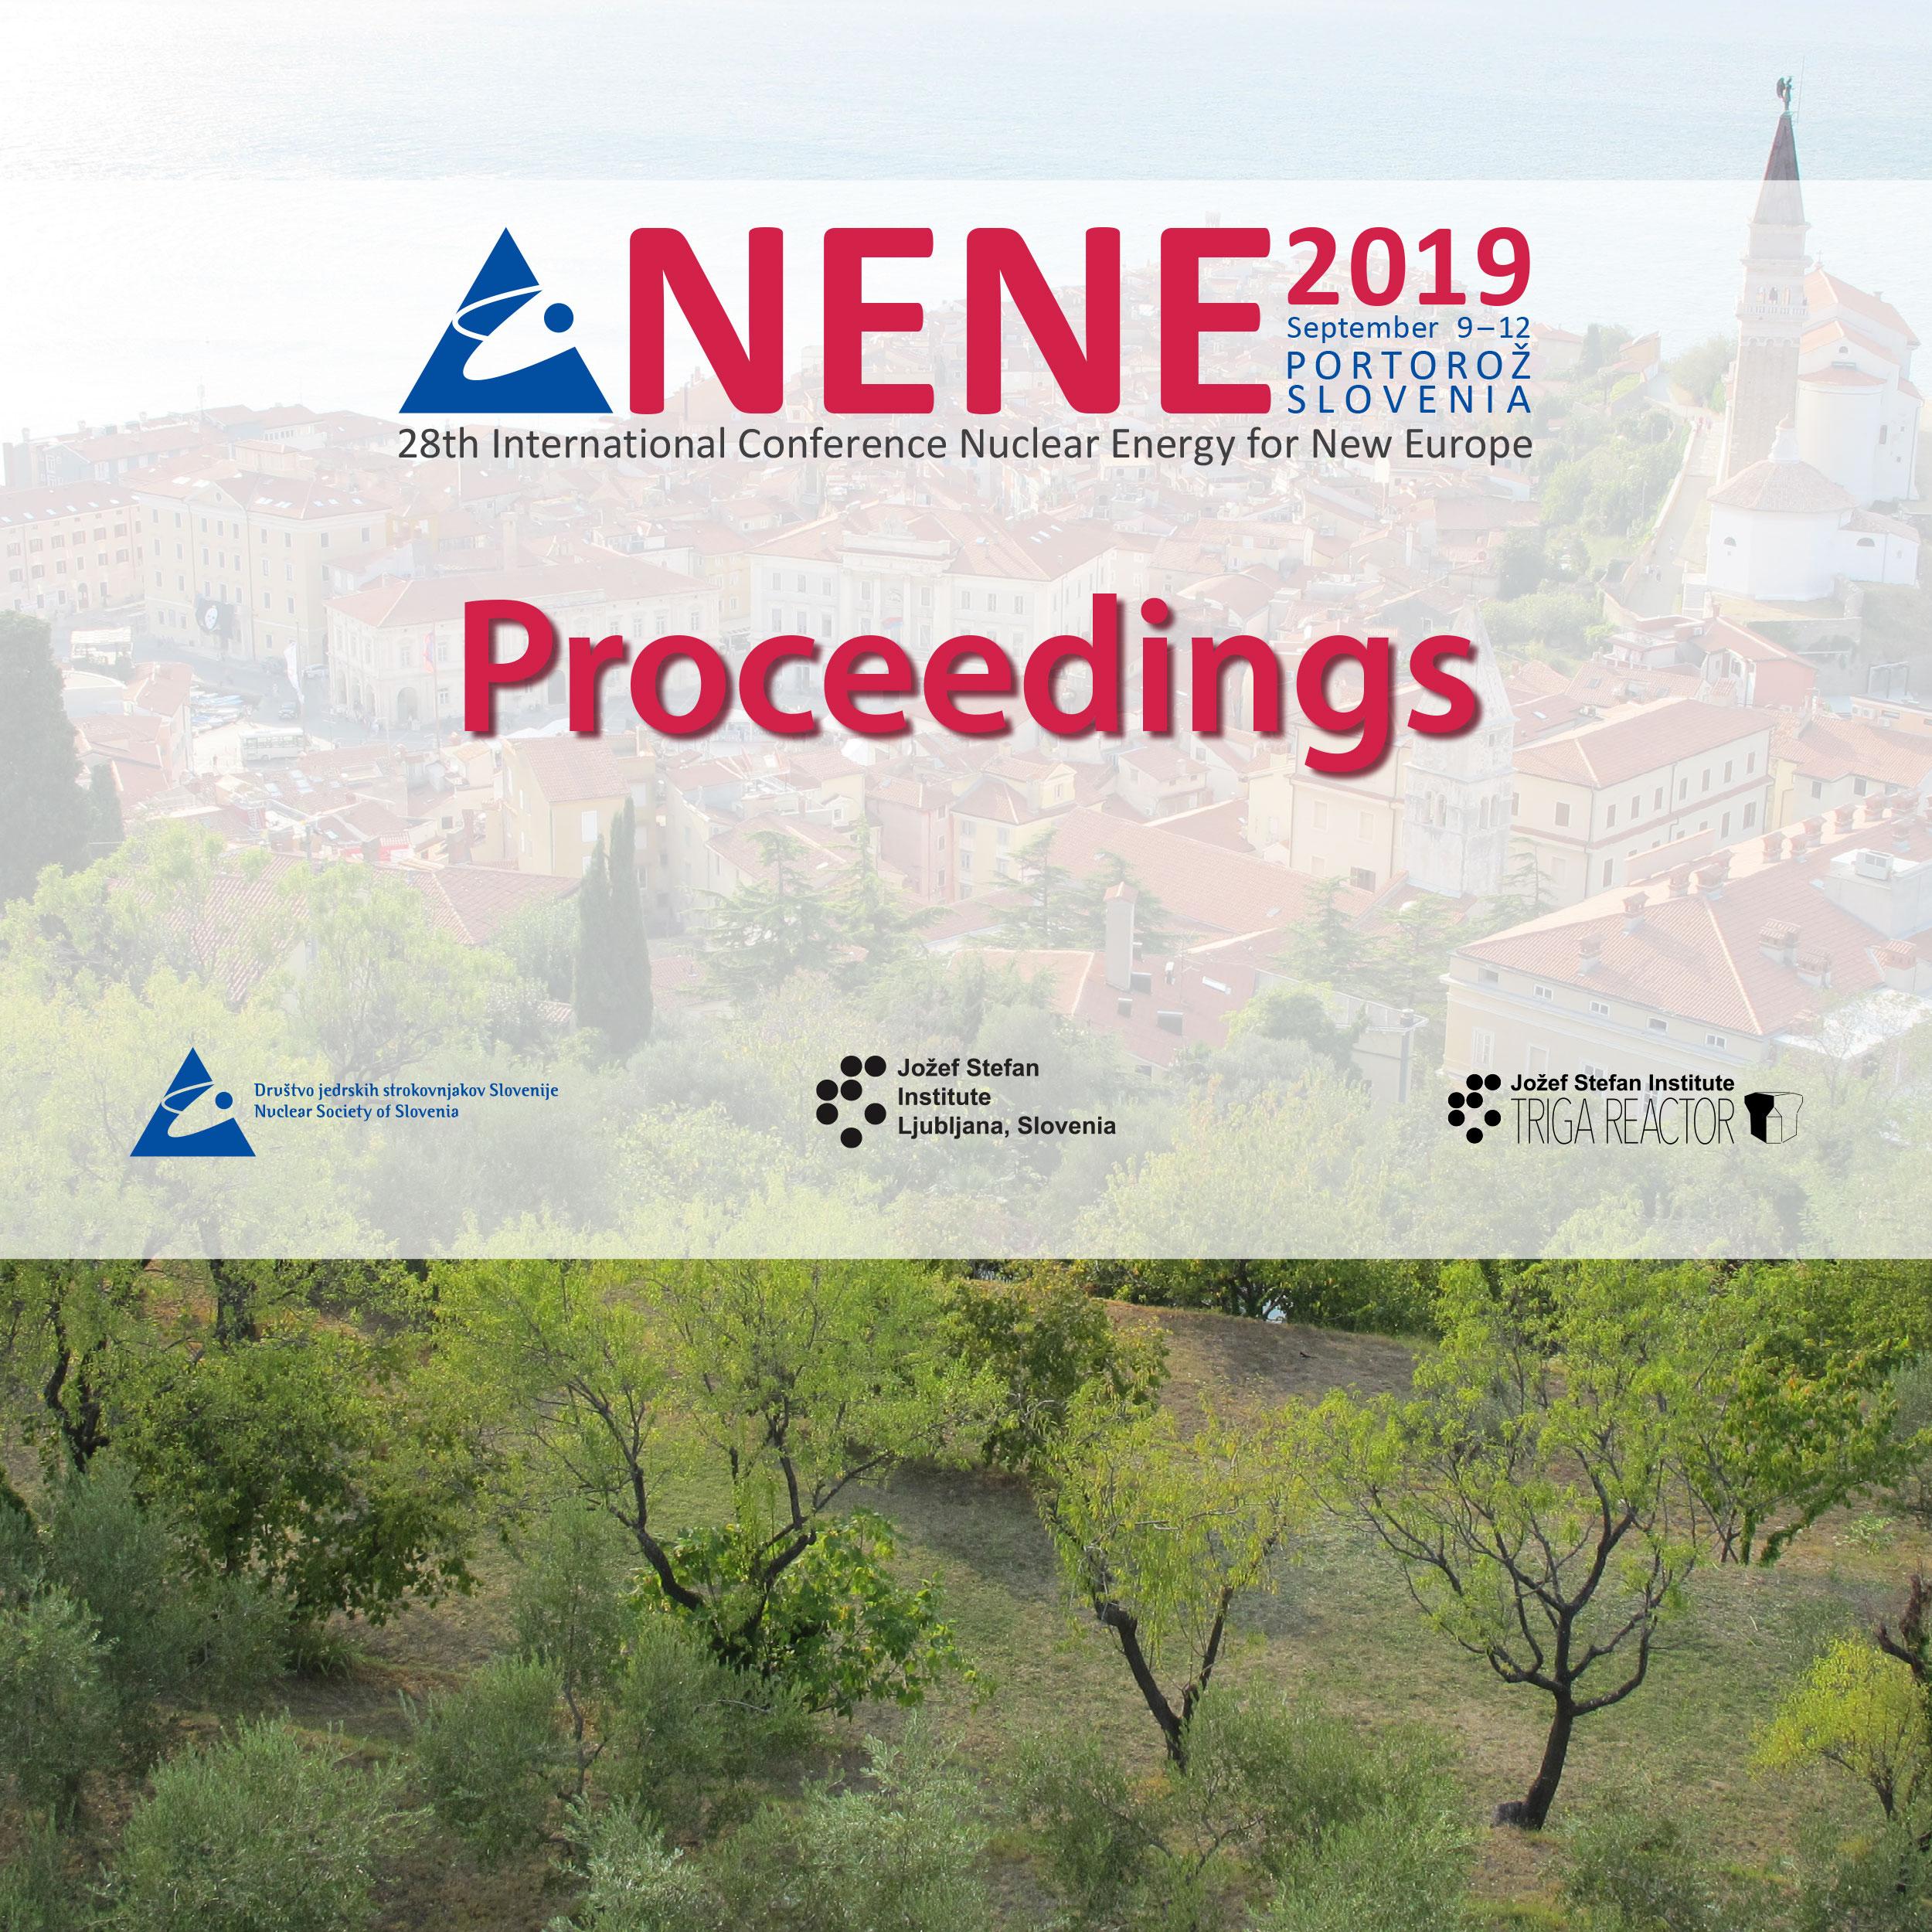 NENE2019 Proceedings